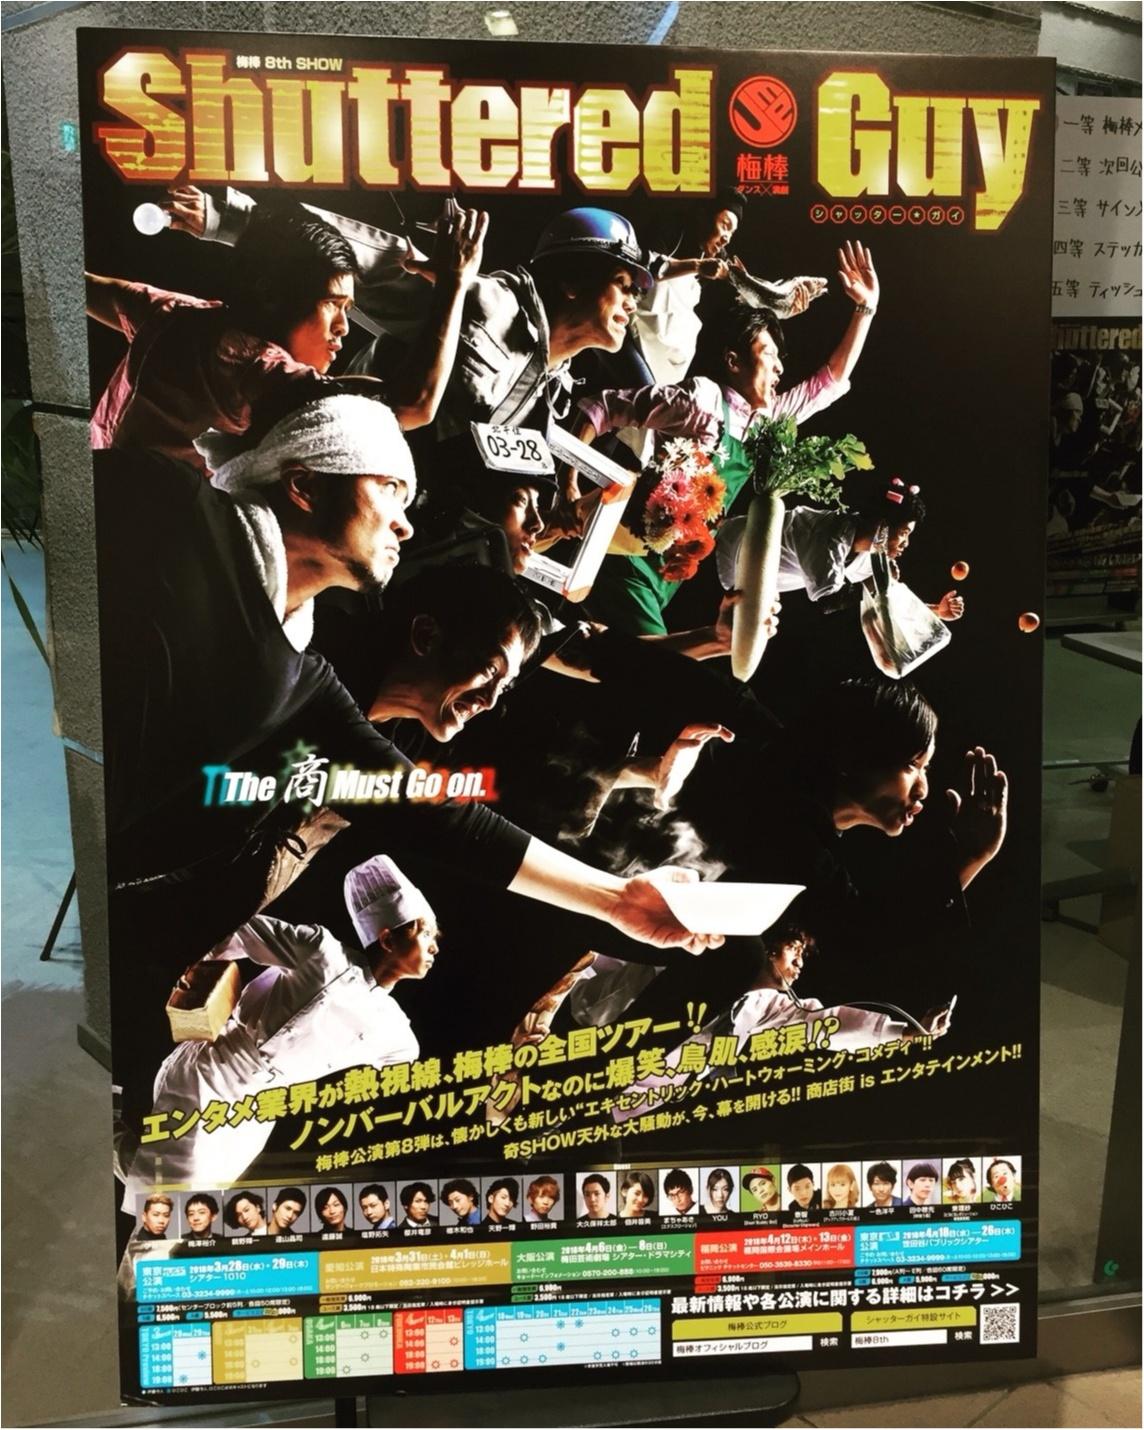 はじまりの春に心躍るエンタメ舞台【梅棒8th SHOW『Shuttered Guy』】4都市ツアー開幕!!_2